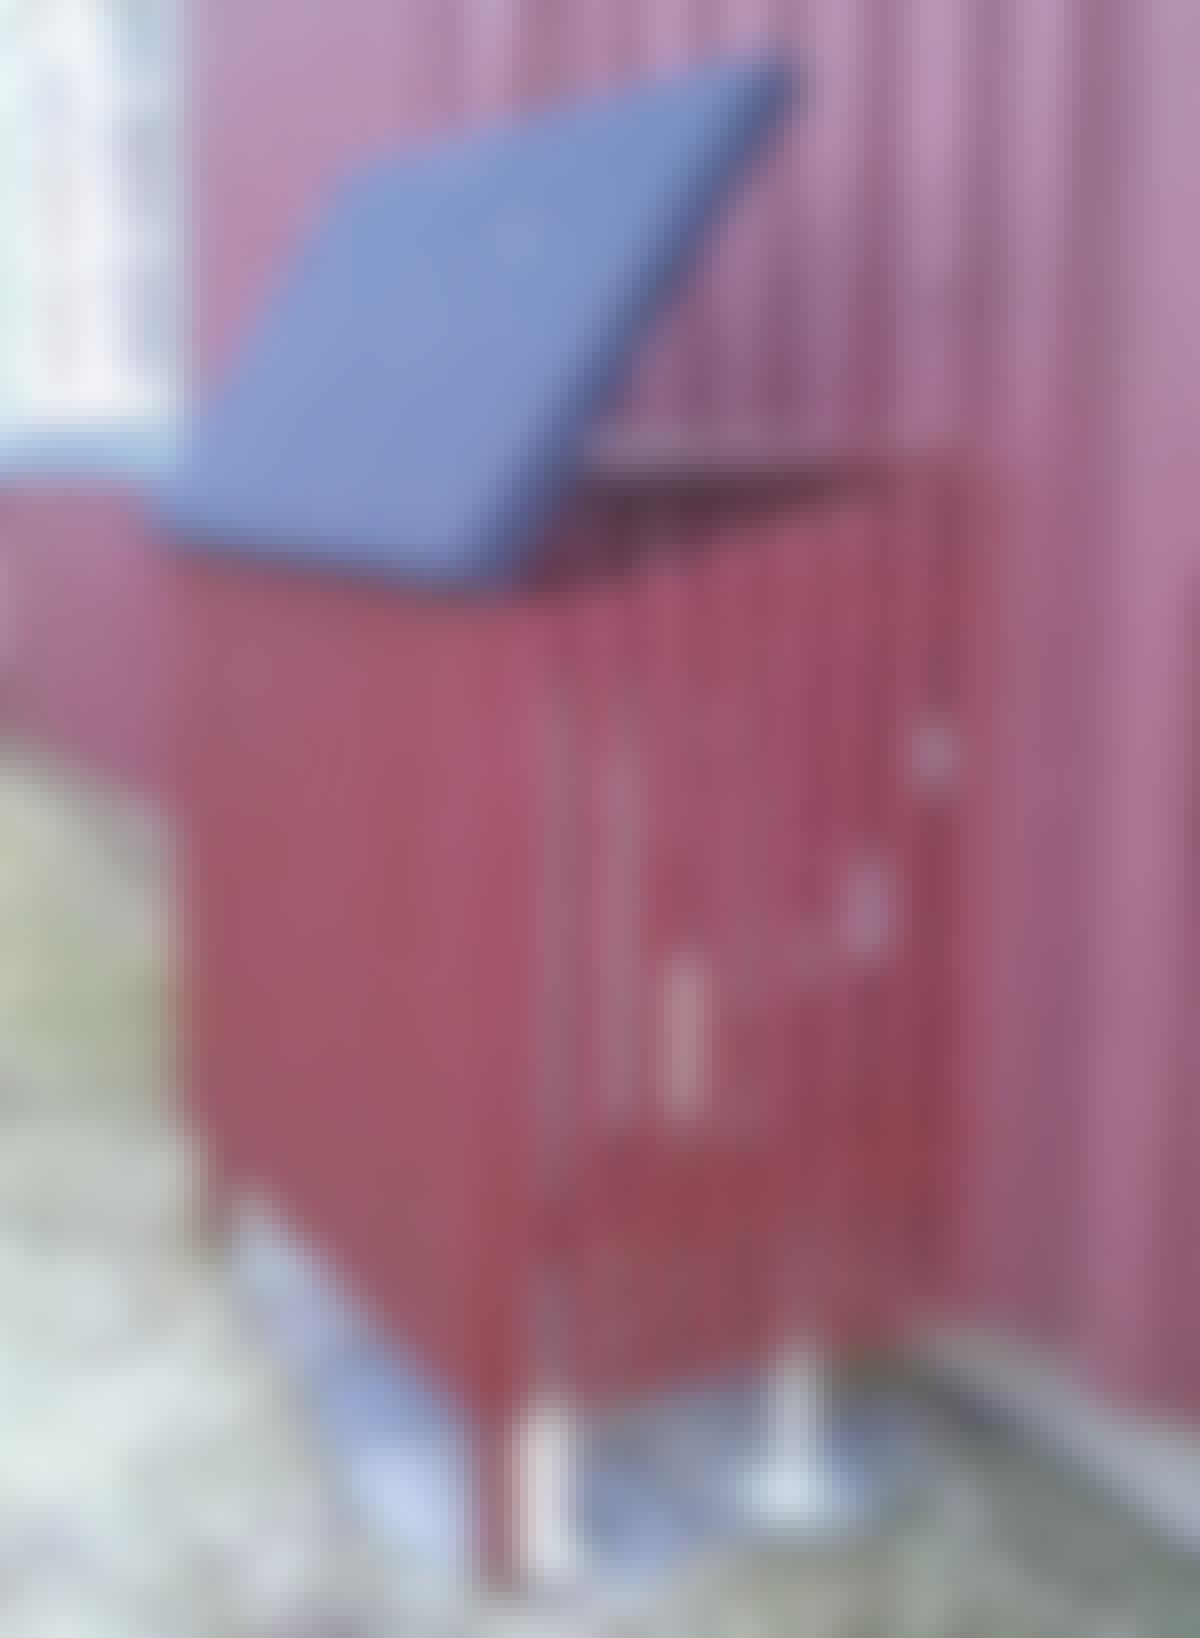 Skjulet falder i med husets øvrige røde træbeklædning.